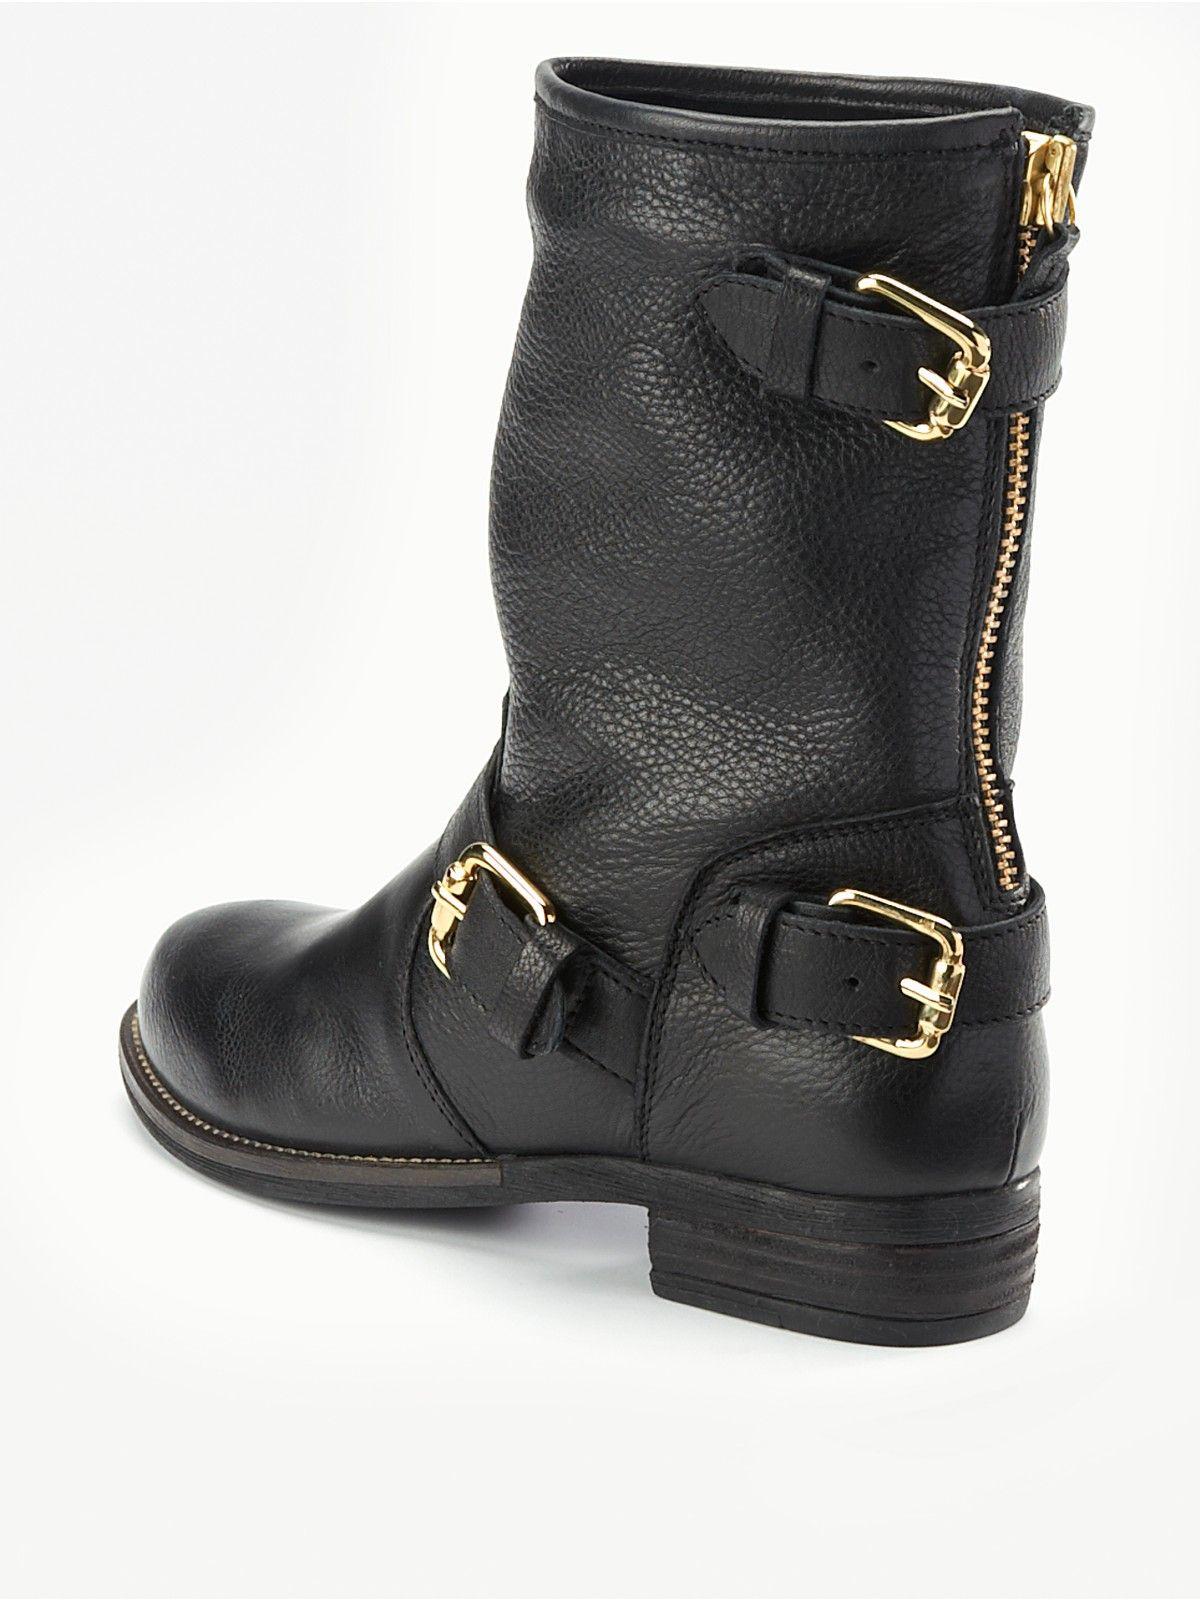 dune svart biker støvler for sale 7a023